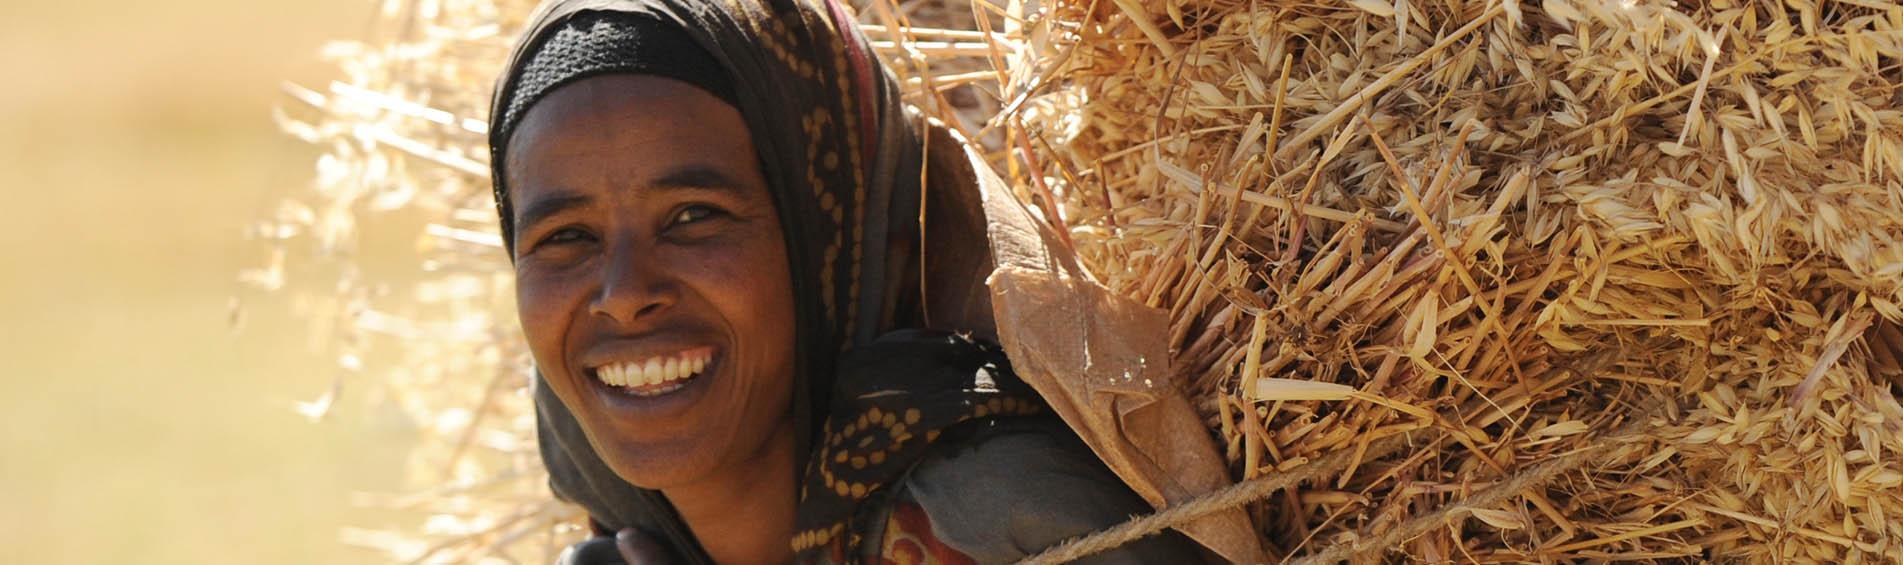 Frau trägt Getreide